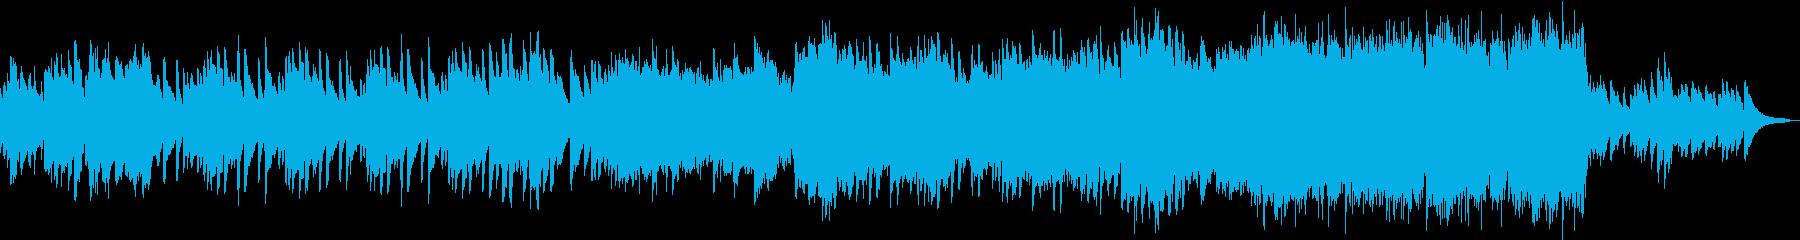 ケルトっぽい哀愁のあるBGMの再生済みの波形